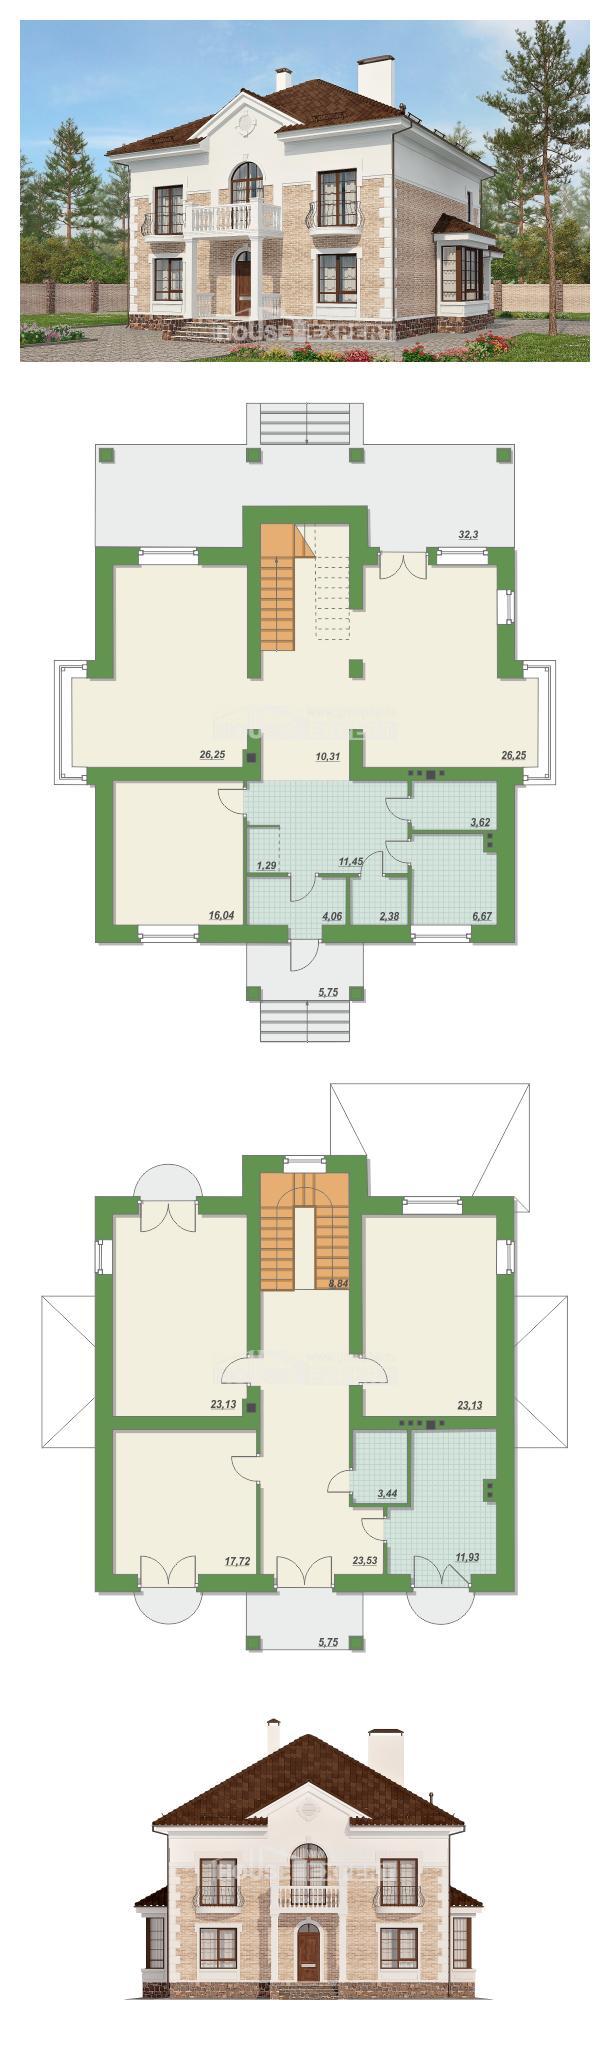 Plan 220-008-R | House Expert